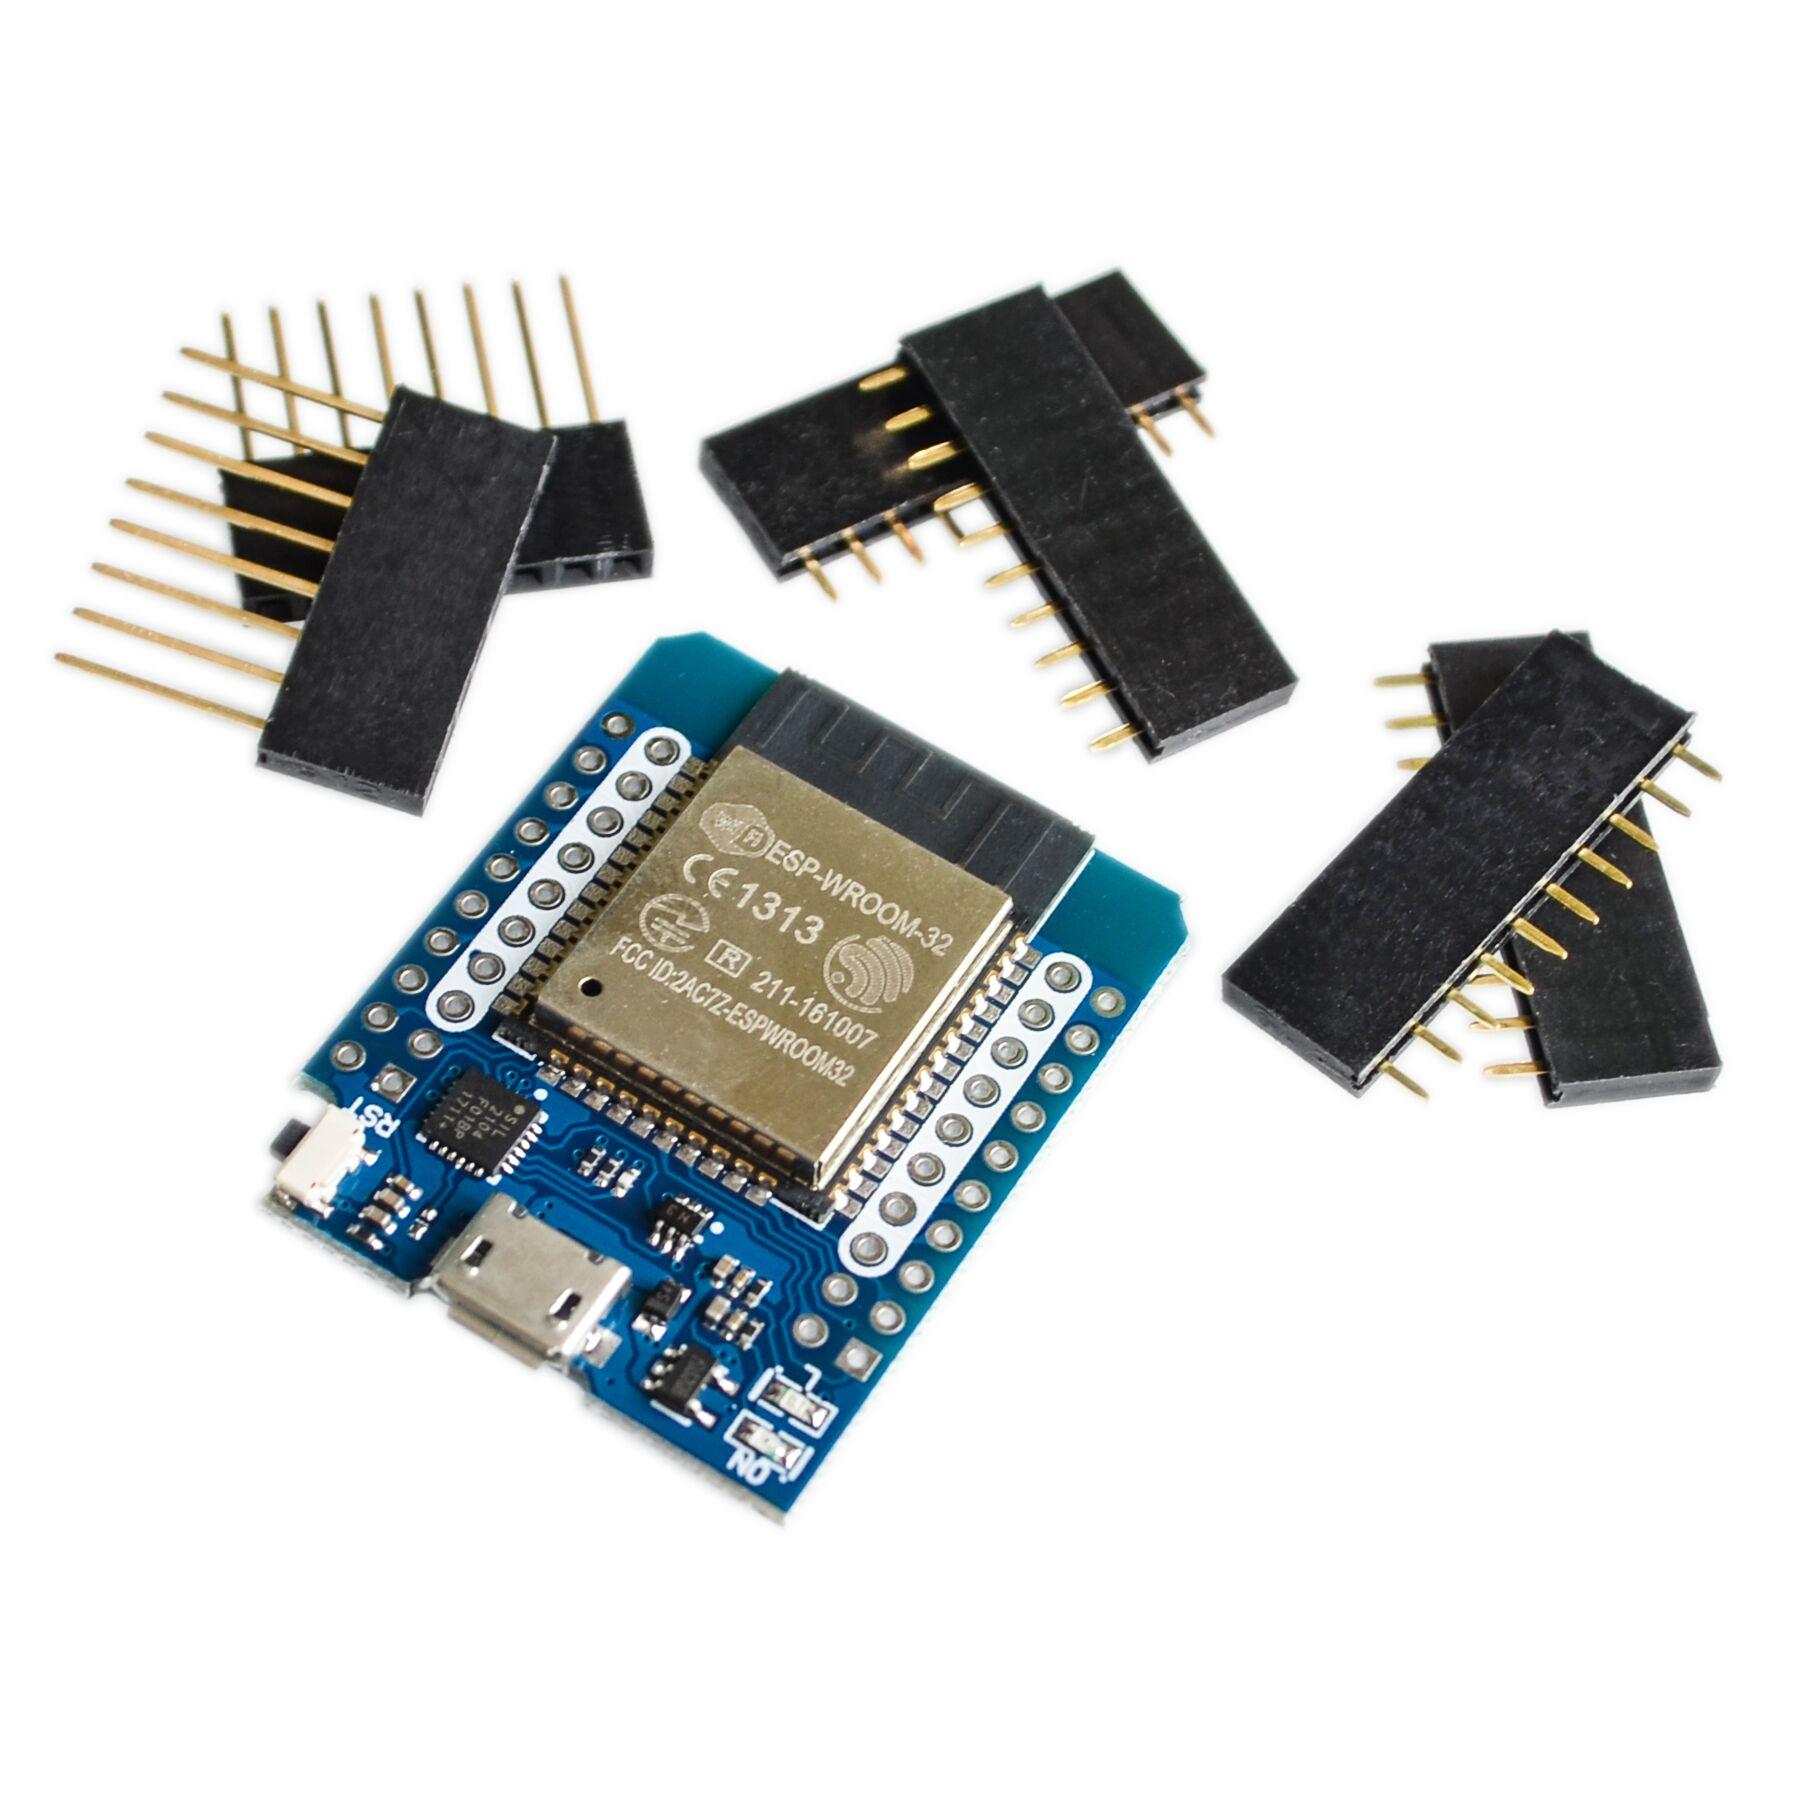 【AH ROBOT】 D1 mini ESP32 ESP-32 WiFi + Bluetooth Интернет вещей макетная плата на основе ESP8266 полностью функциональная